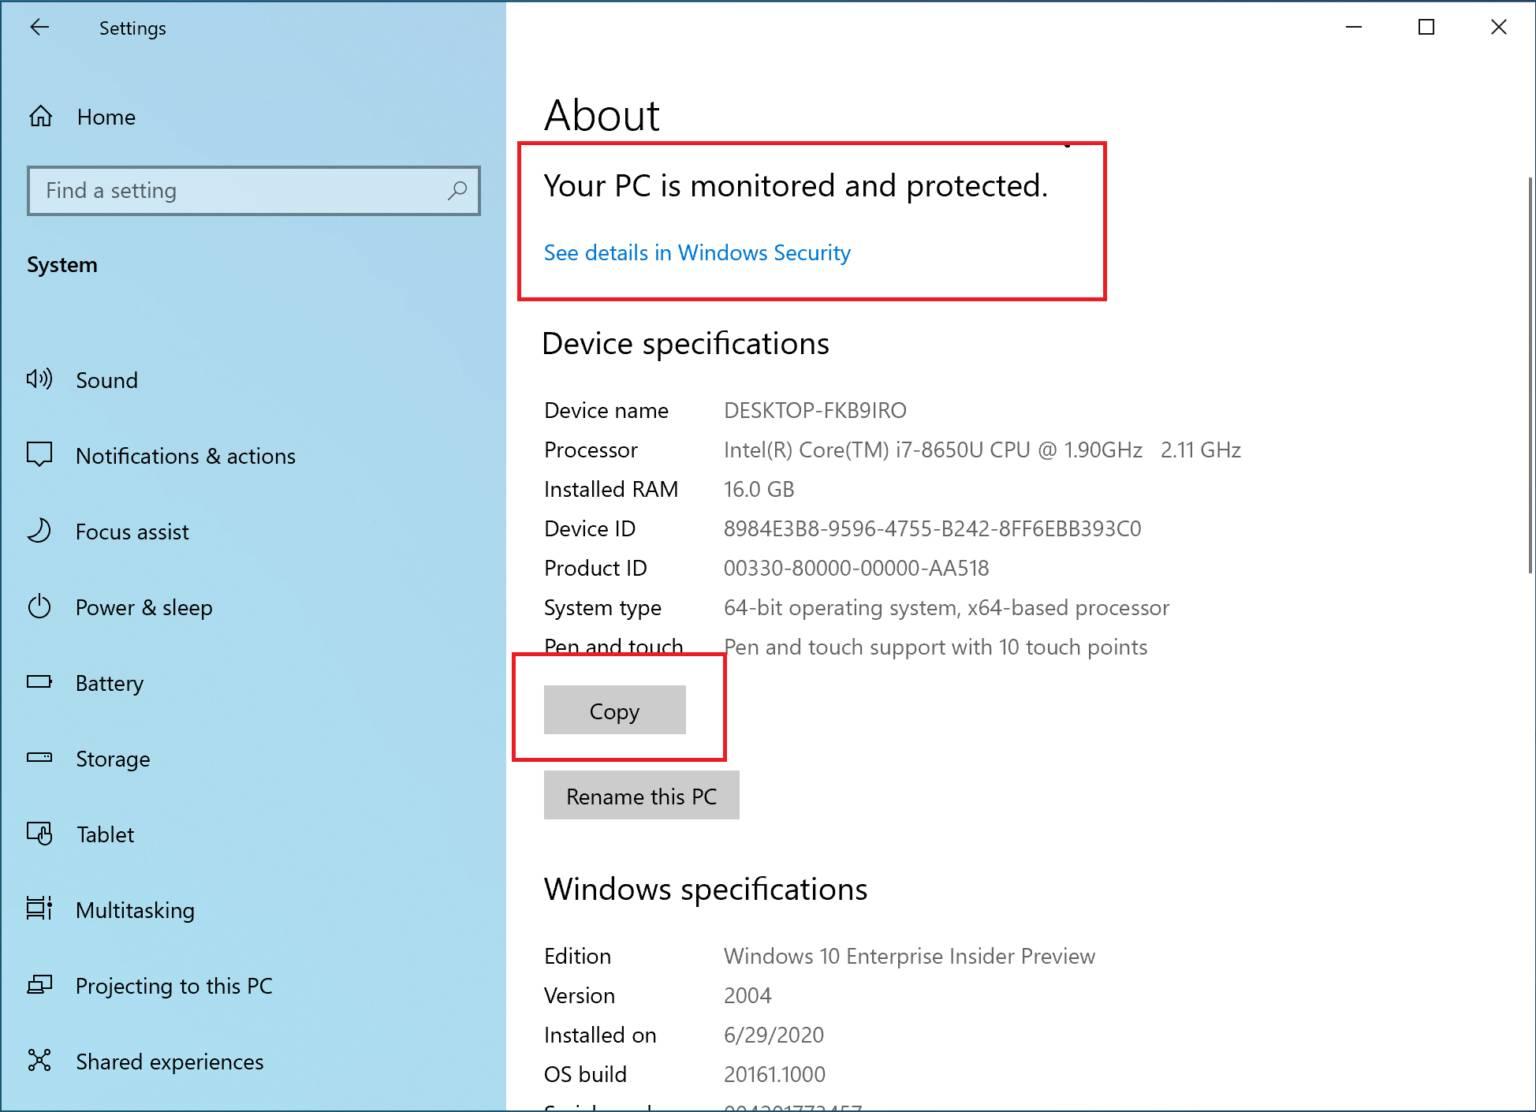 Nuevas funciones de la configuración en la Build 20161 en el canal Dev de Windows 10